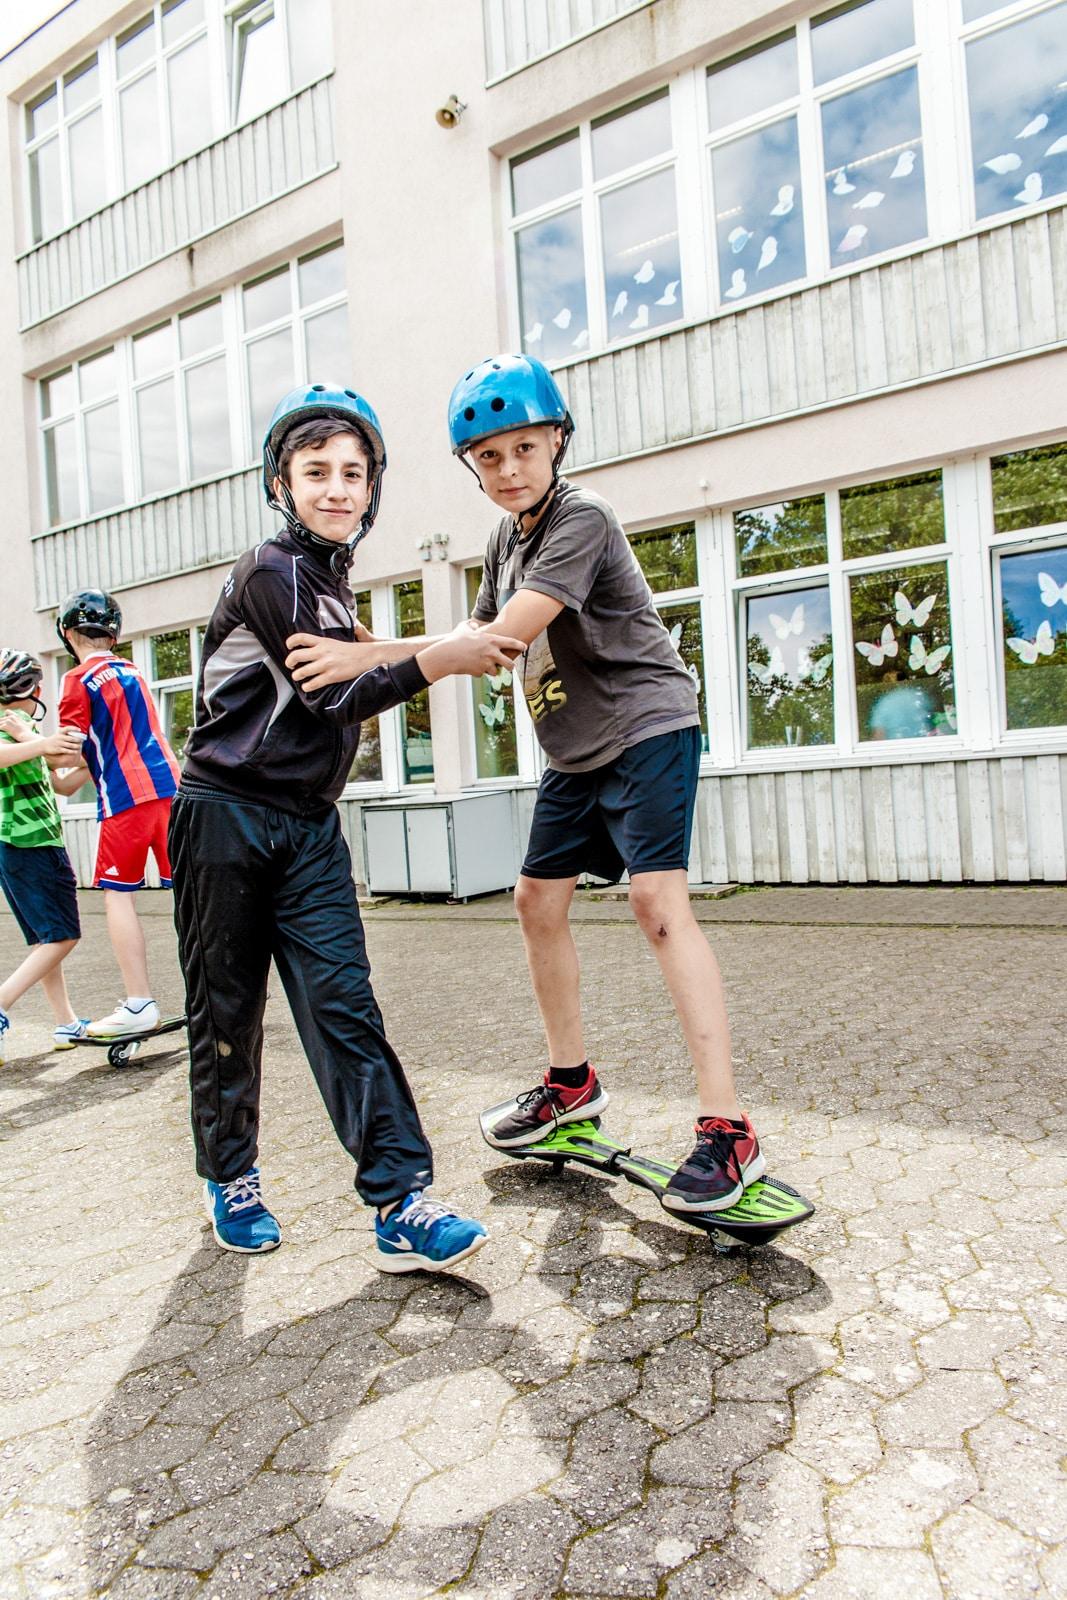 Zwei Jungs unterstützen sich beim Lernen eines Waveboards